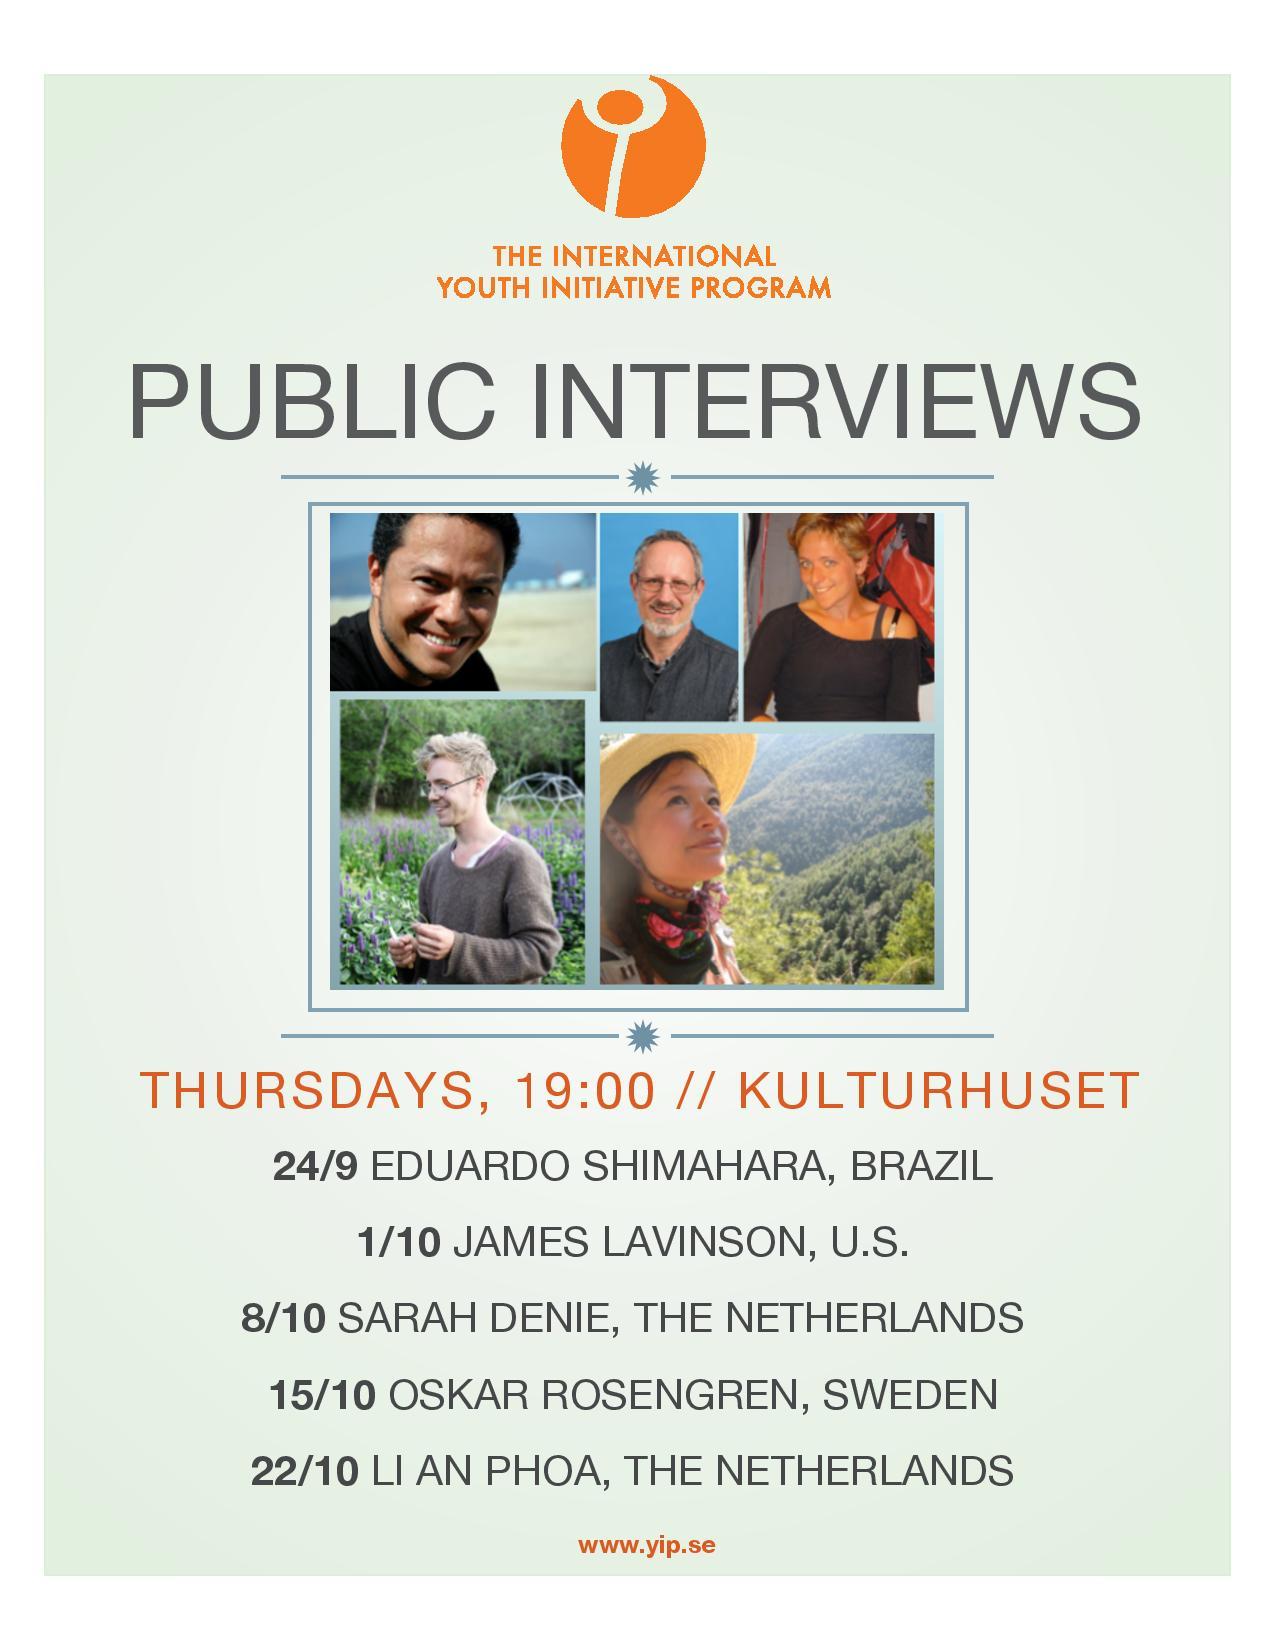 public_interviews_poster1-page-001 copy